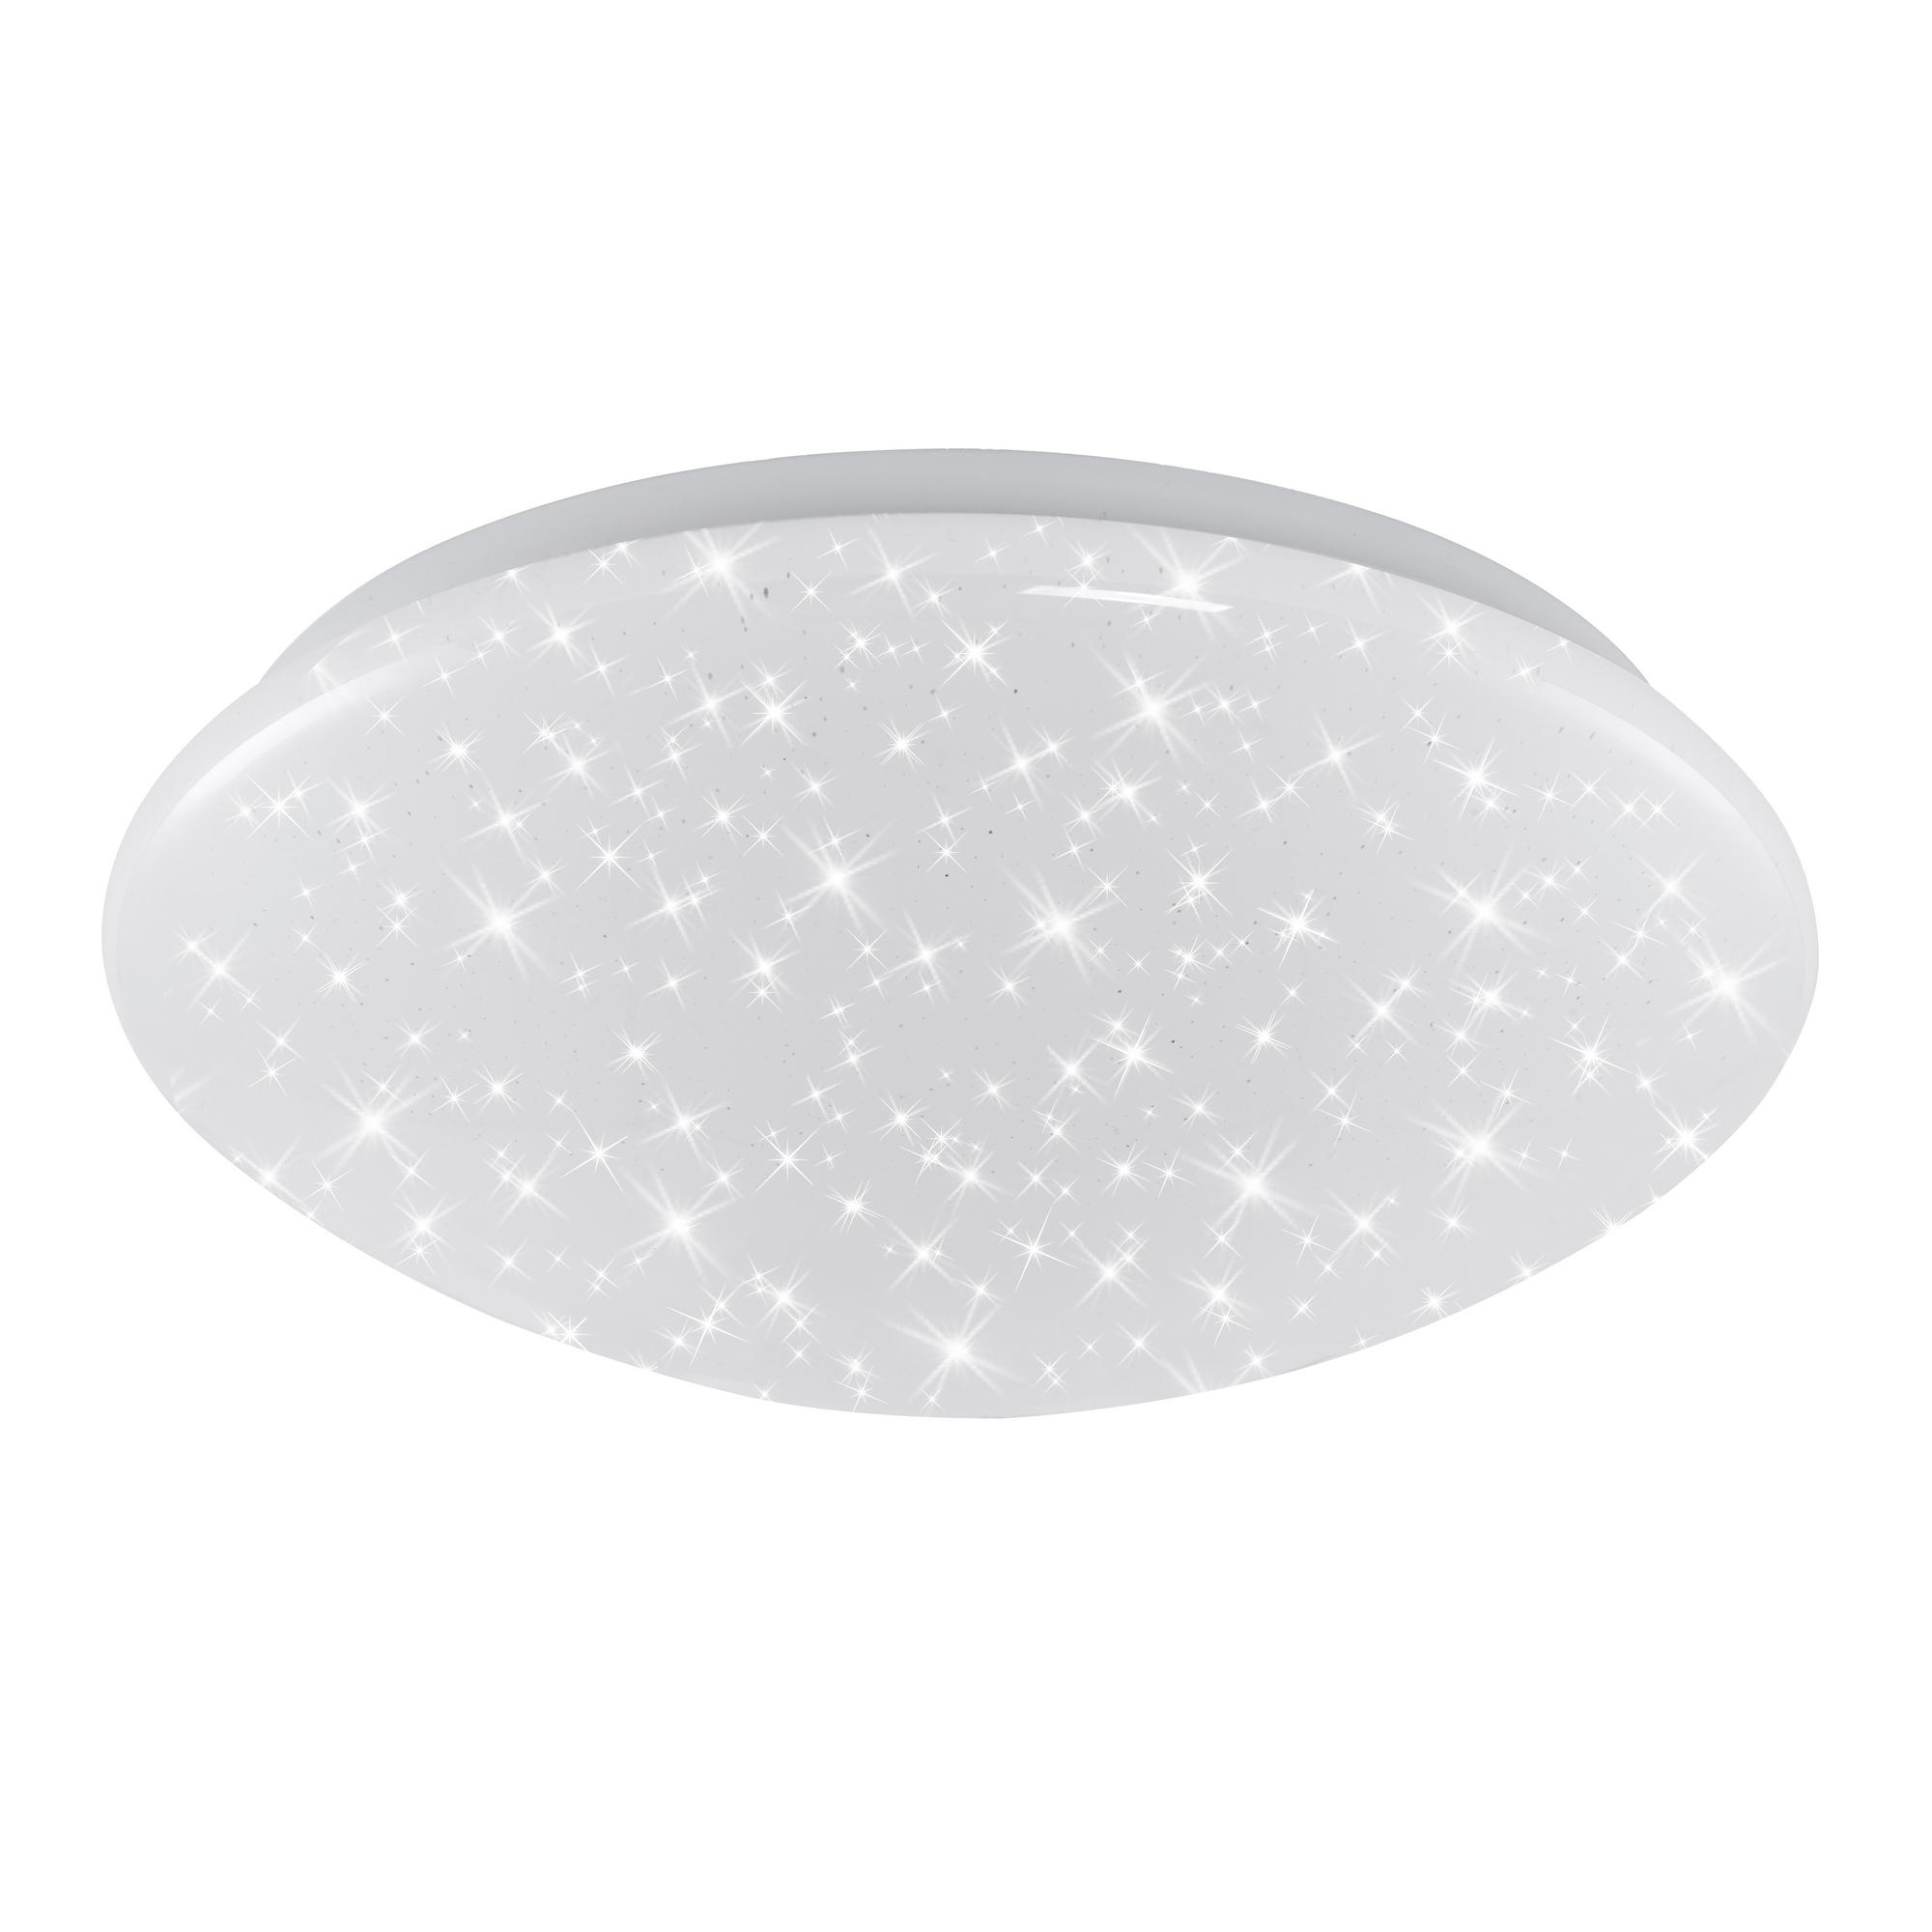 LED-Badezimmerleuchte